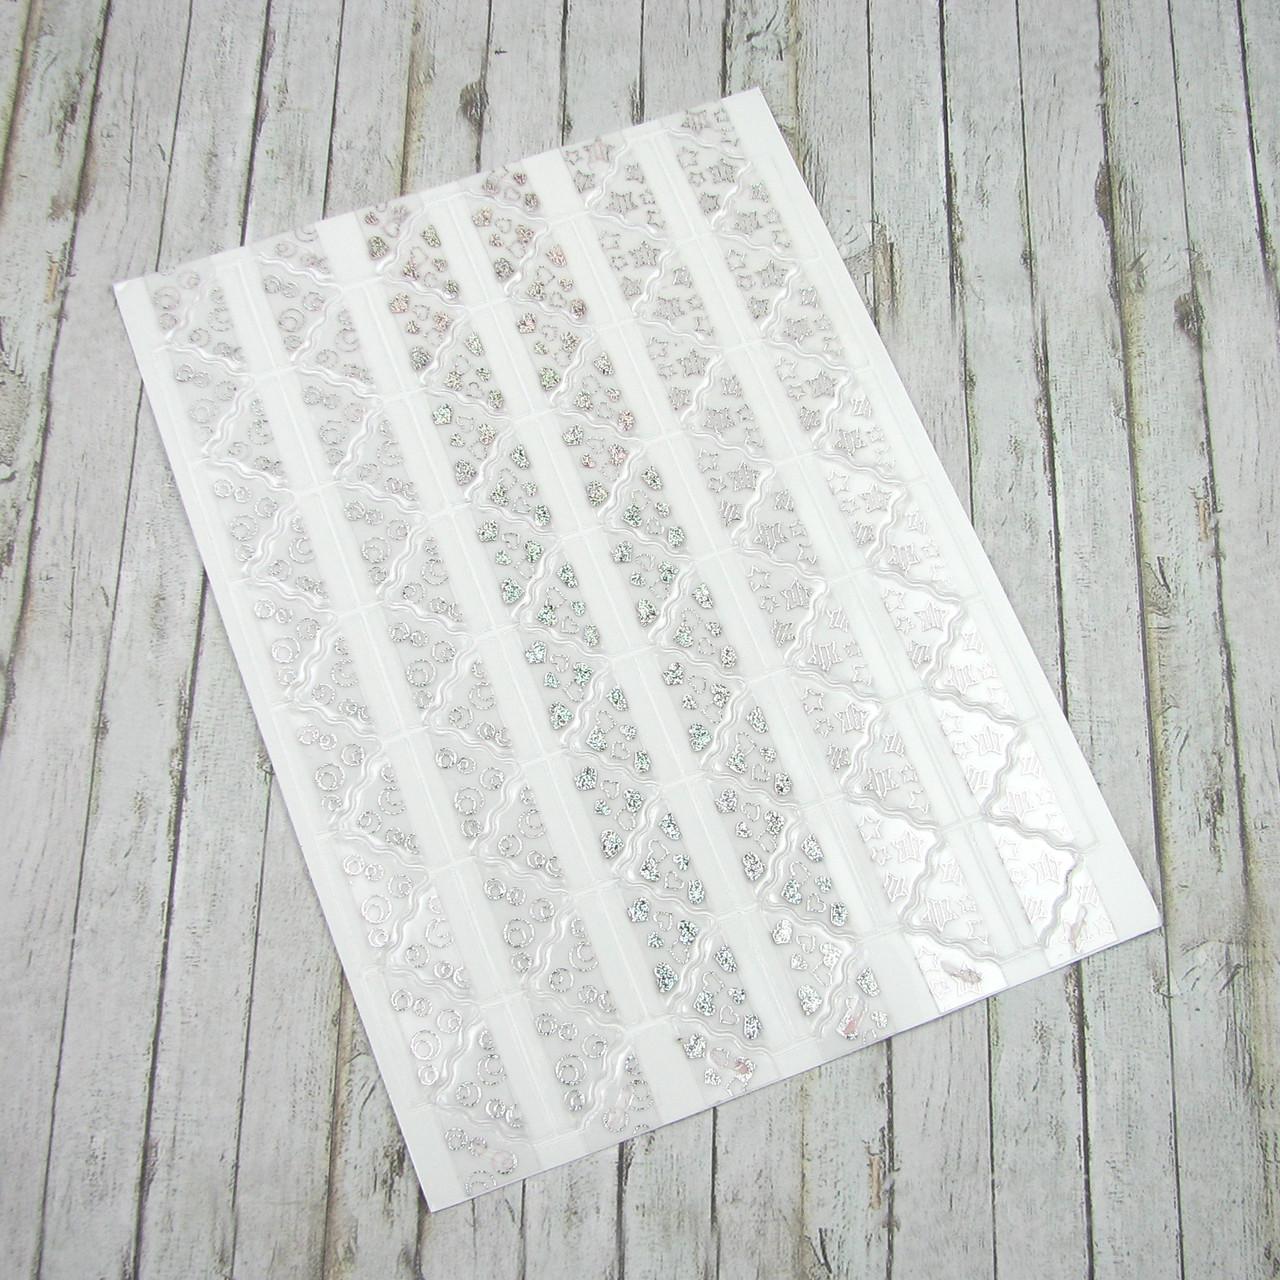 Уголки для фотографий, серебро самоклеющиеся на листе 78 уголков